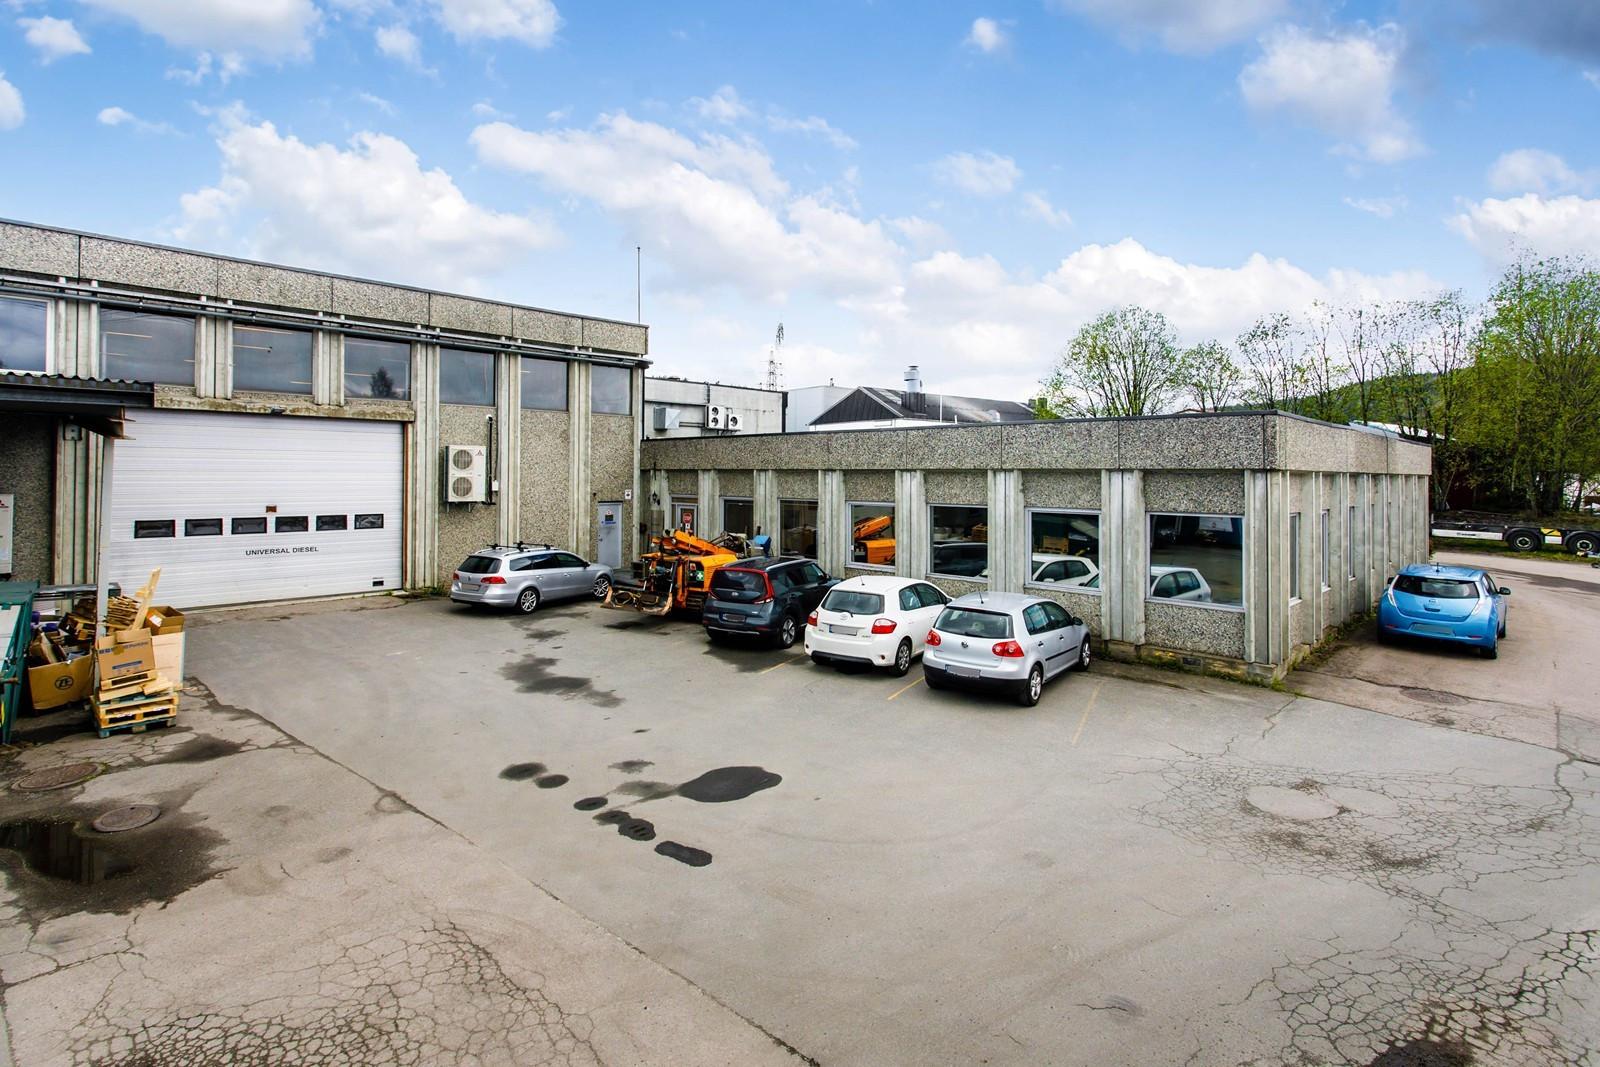 Kjøreport til lager og vinduer til kontor